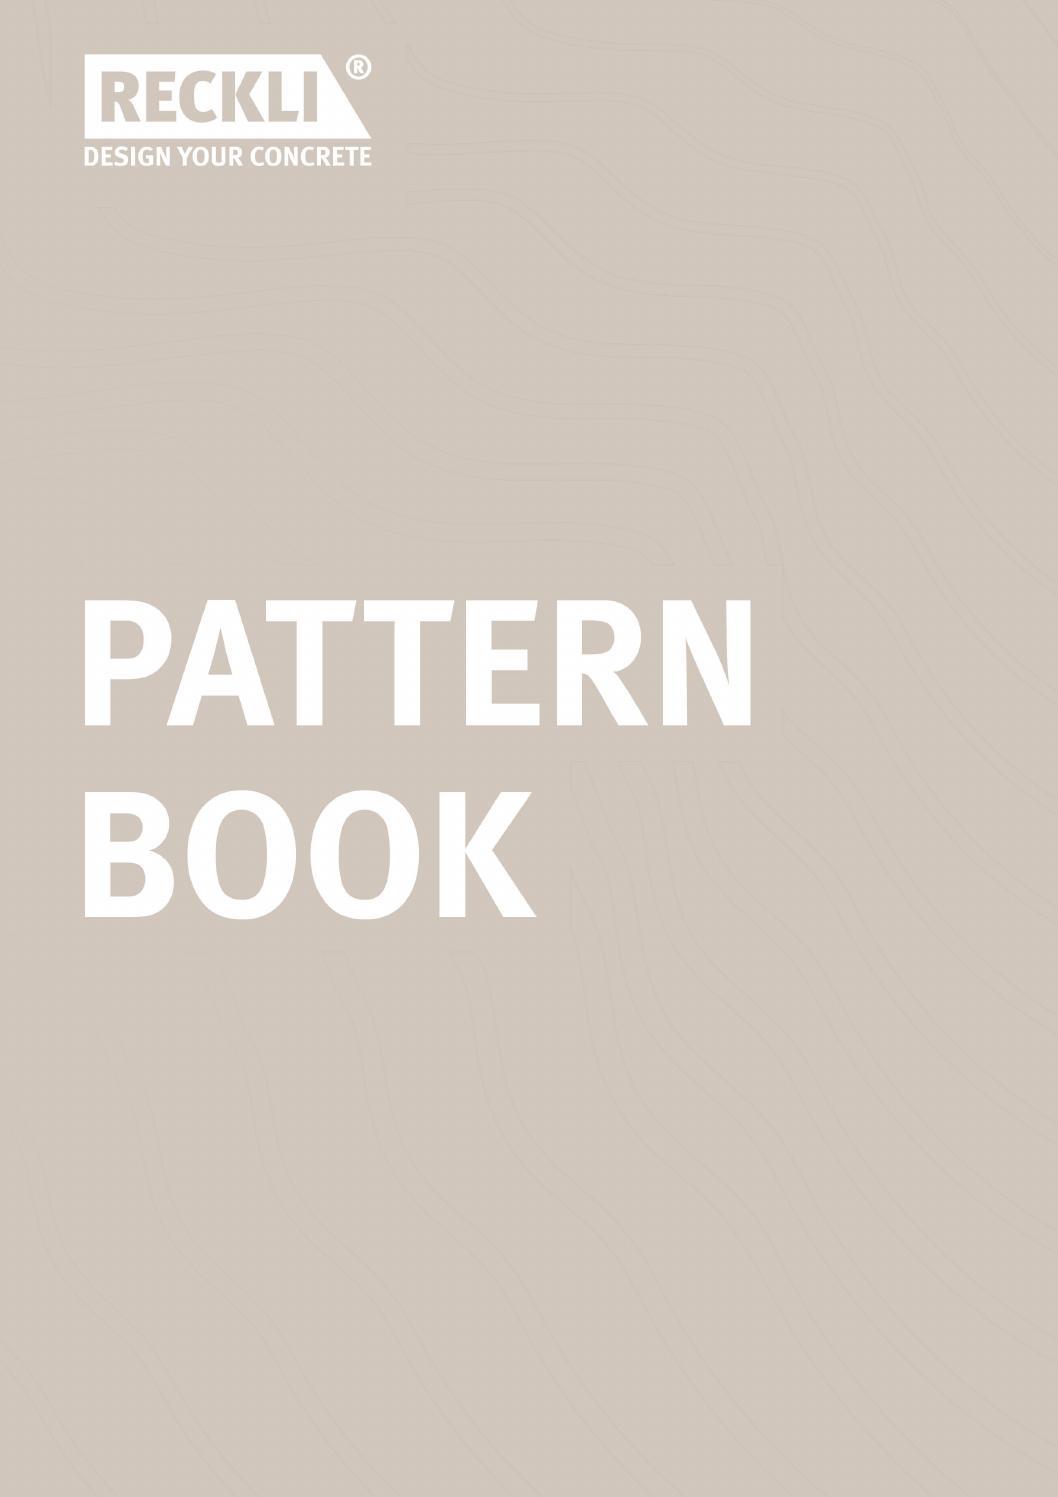 RECKLI Patternbook by RECKLI GmbH - issuu